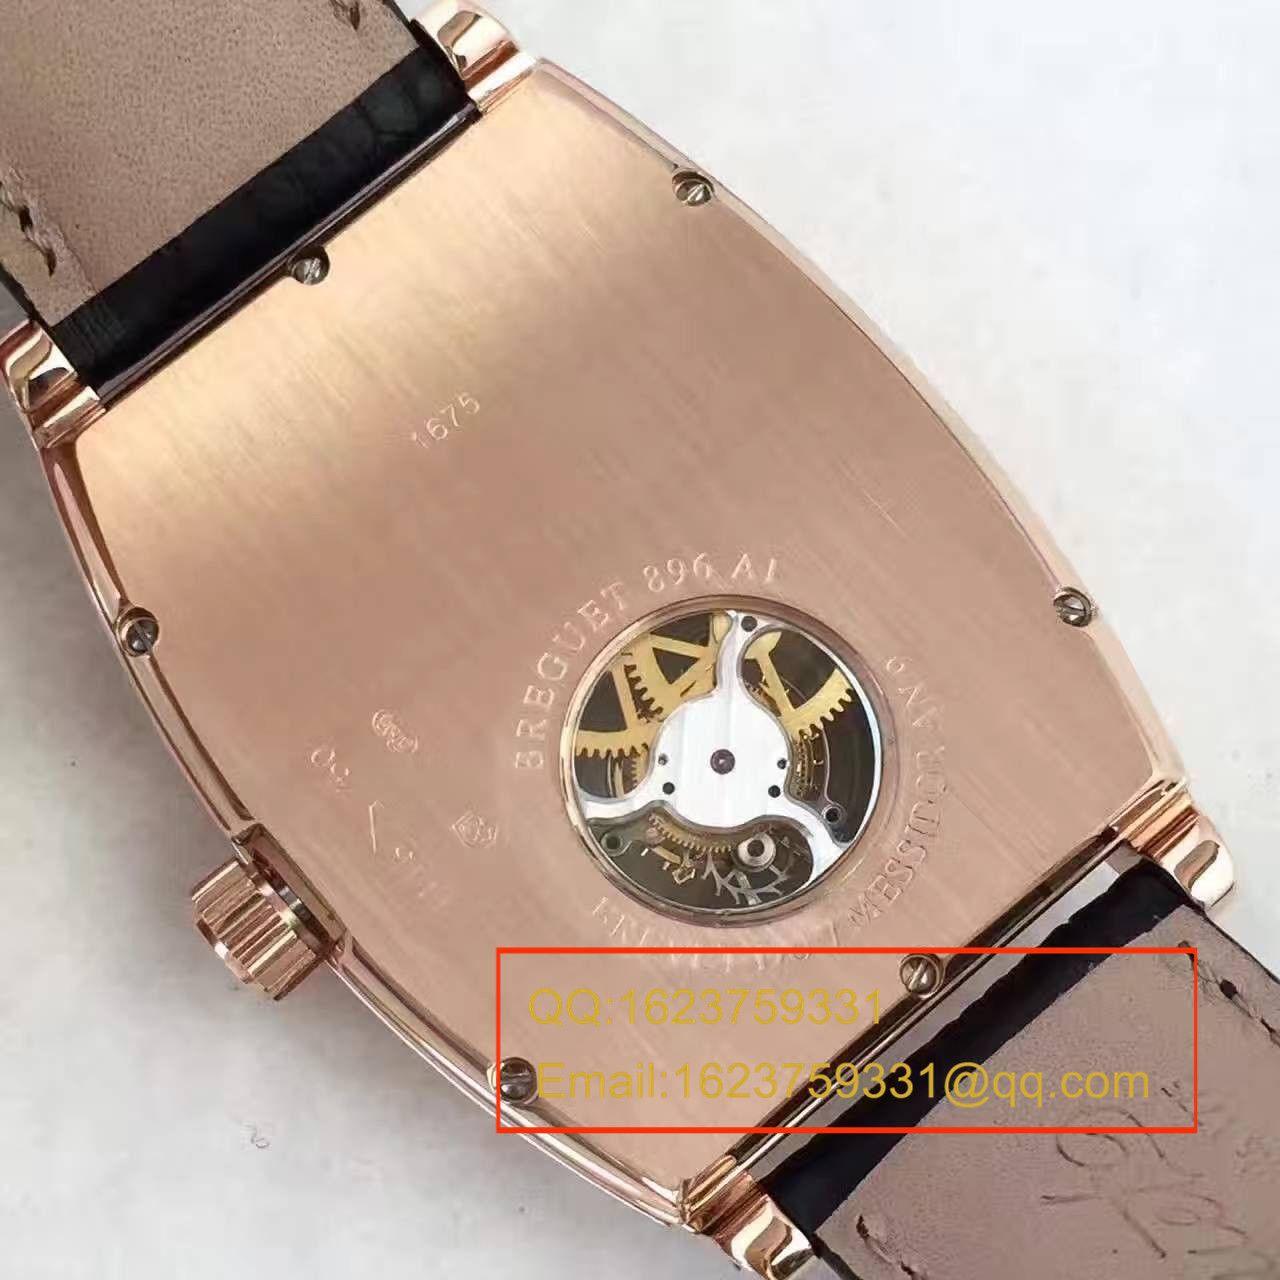 【BM厂1:1顶级精仿手表】宝玑传承系列5497BR/12/9V6腕表真陀飞轮机械手表《玫瑰金款》 / BJ021